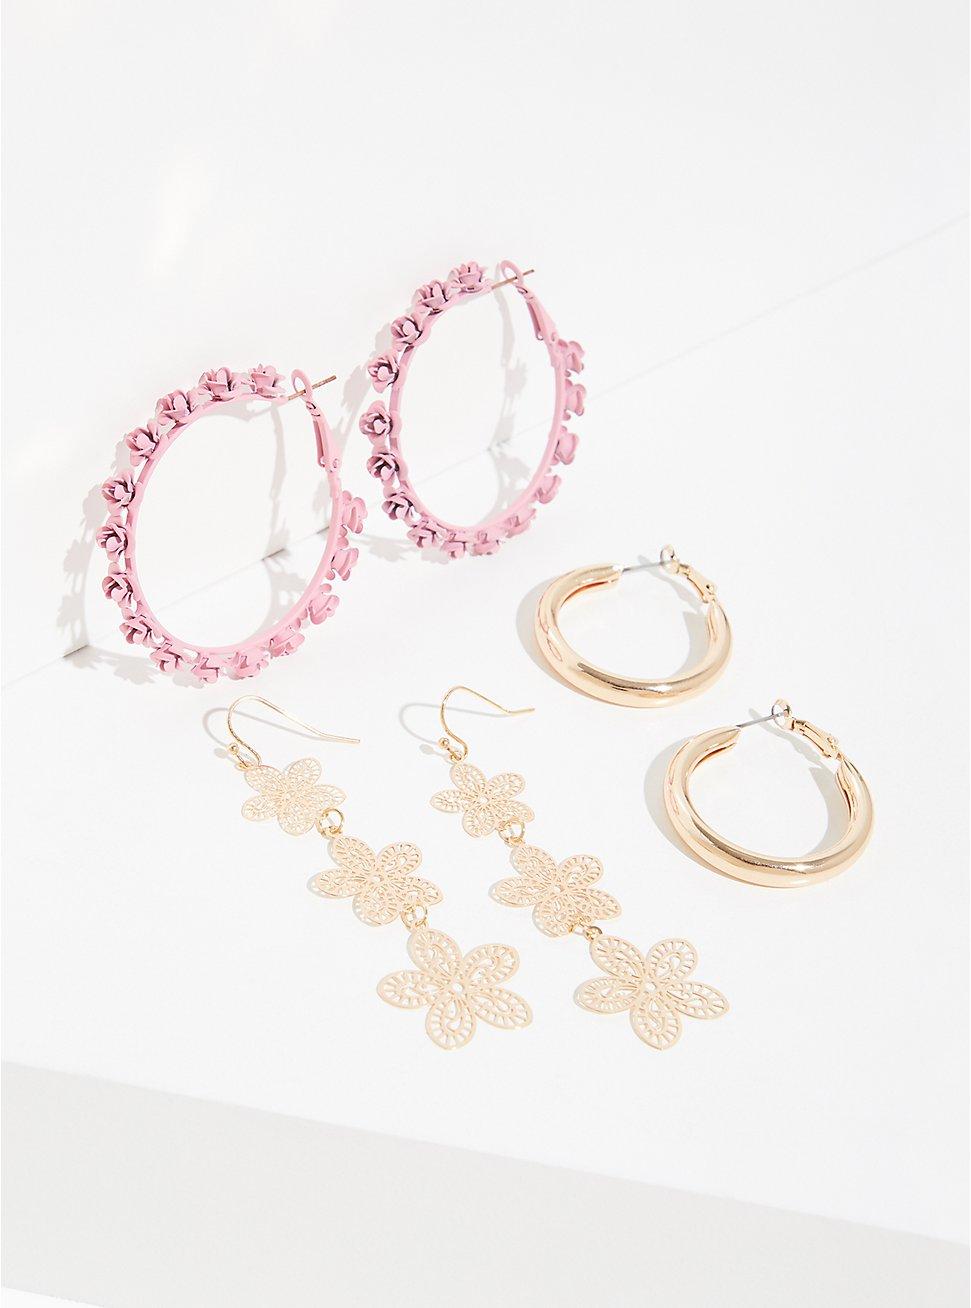 Plus Size Pink Rosette Hoop Earrings Set- Set of 3, , hi-res